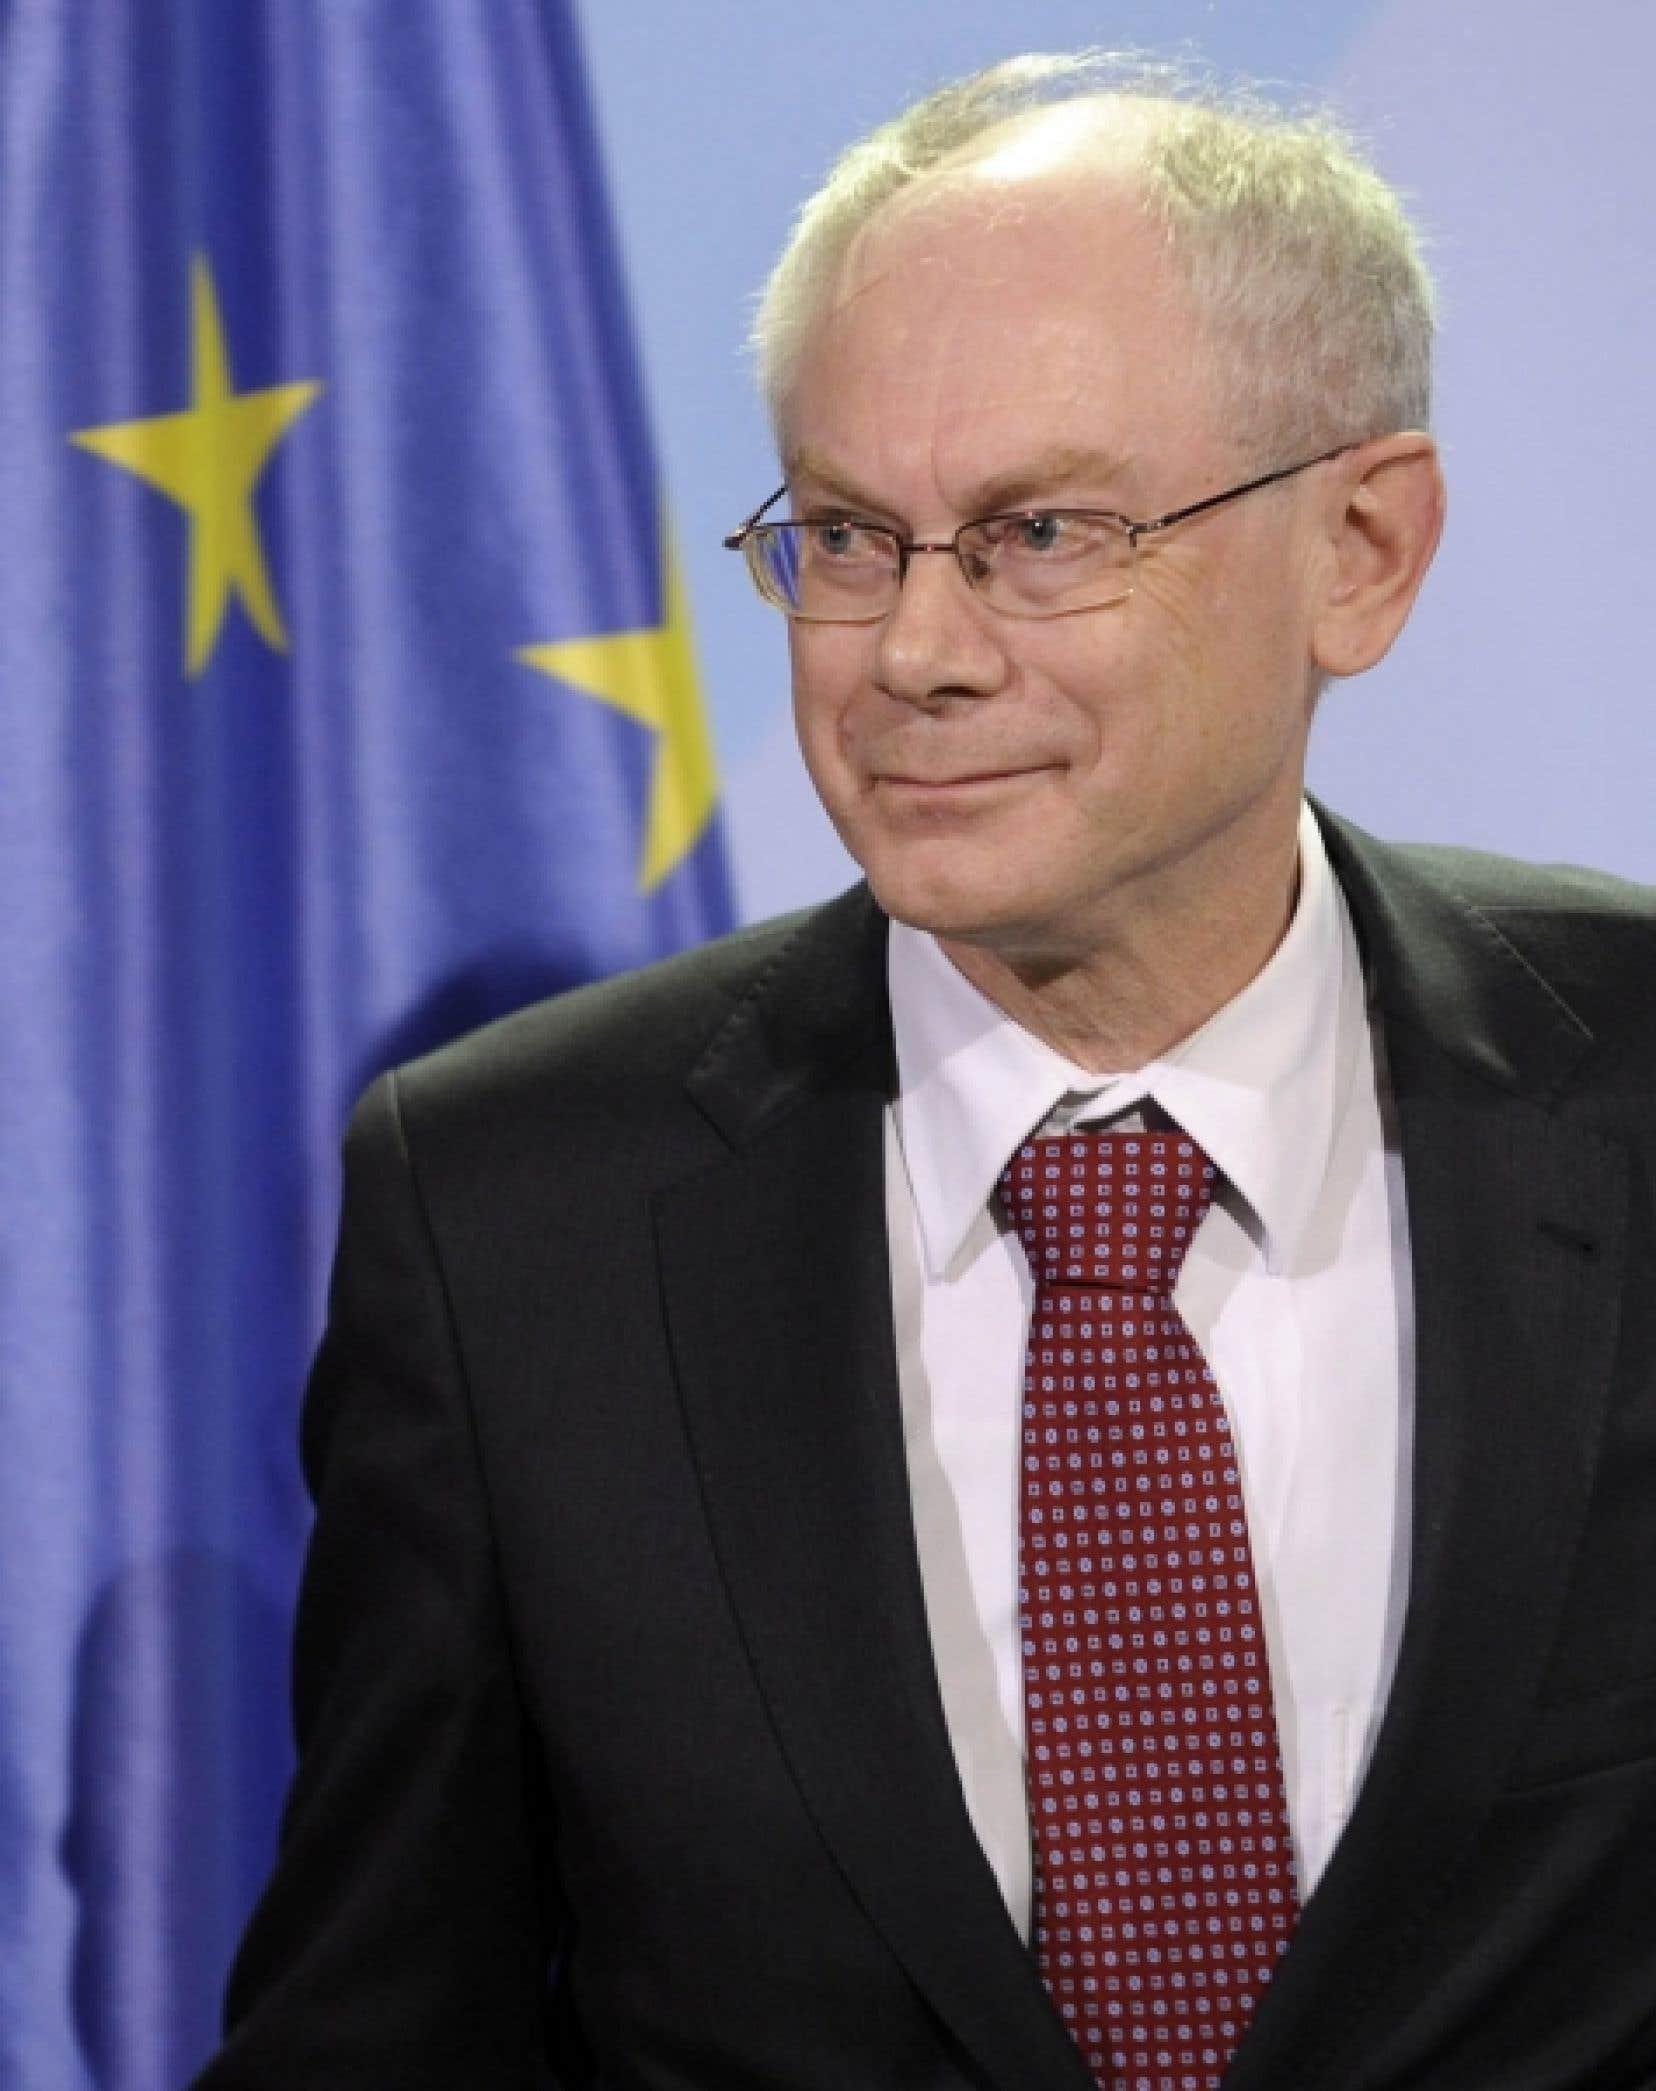 Le sommet de jeudi sera l'occasion pour le président de l'UE, Herman Van Rompuy, d'effectuer sa véritable entrée en scène après être resté très discret depuis son entrée en fonction en décembre.